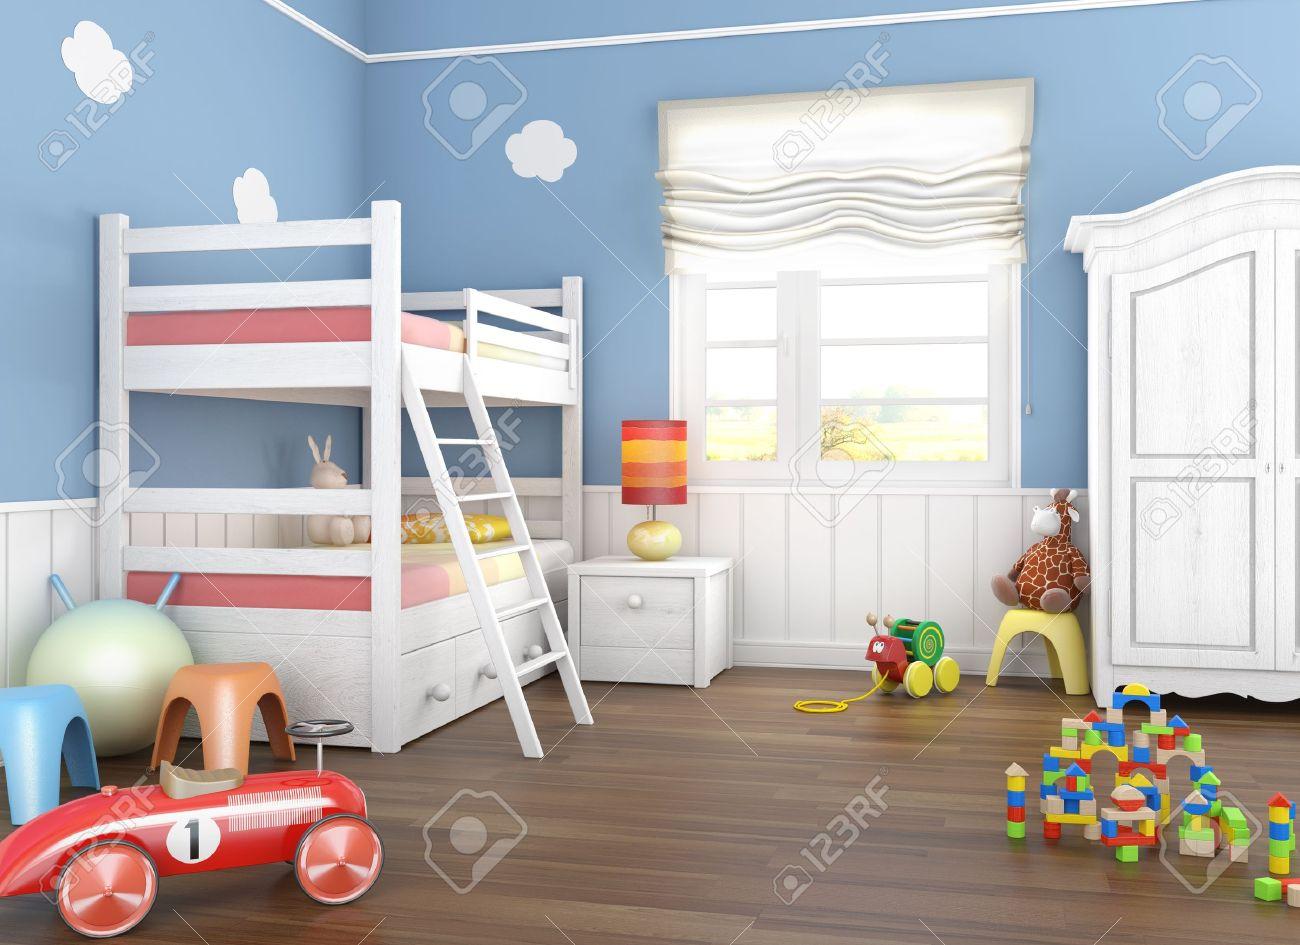 Etagenbett Kinderzimmer : Kinderzimmer in blauen wänden mit etagenbett und viel spielzeug auf